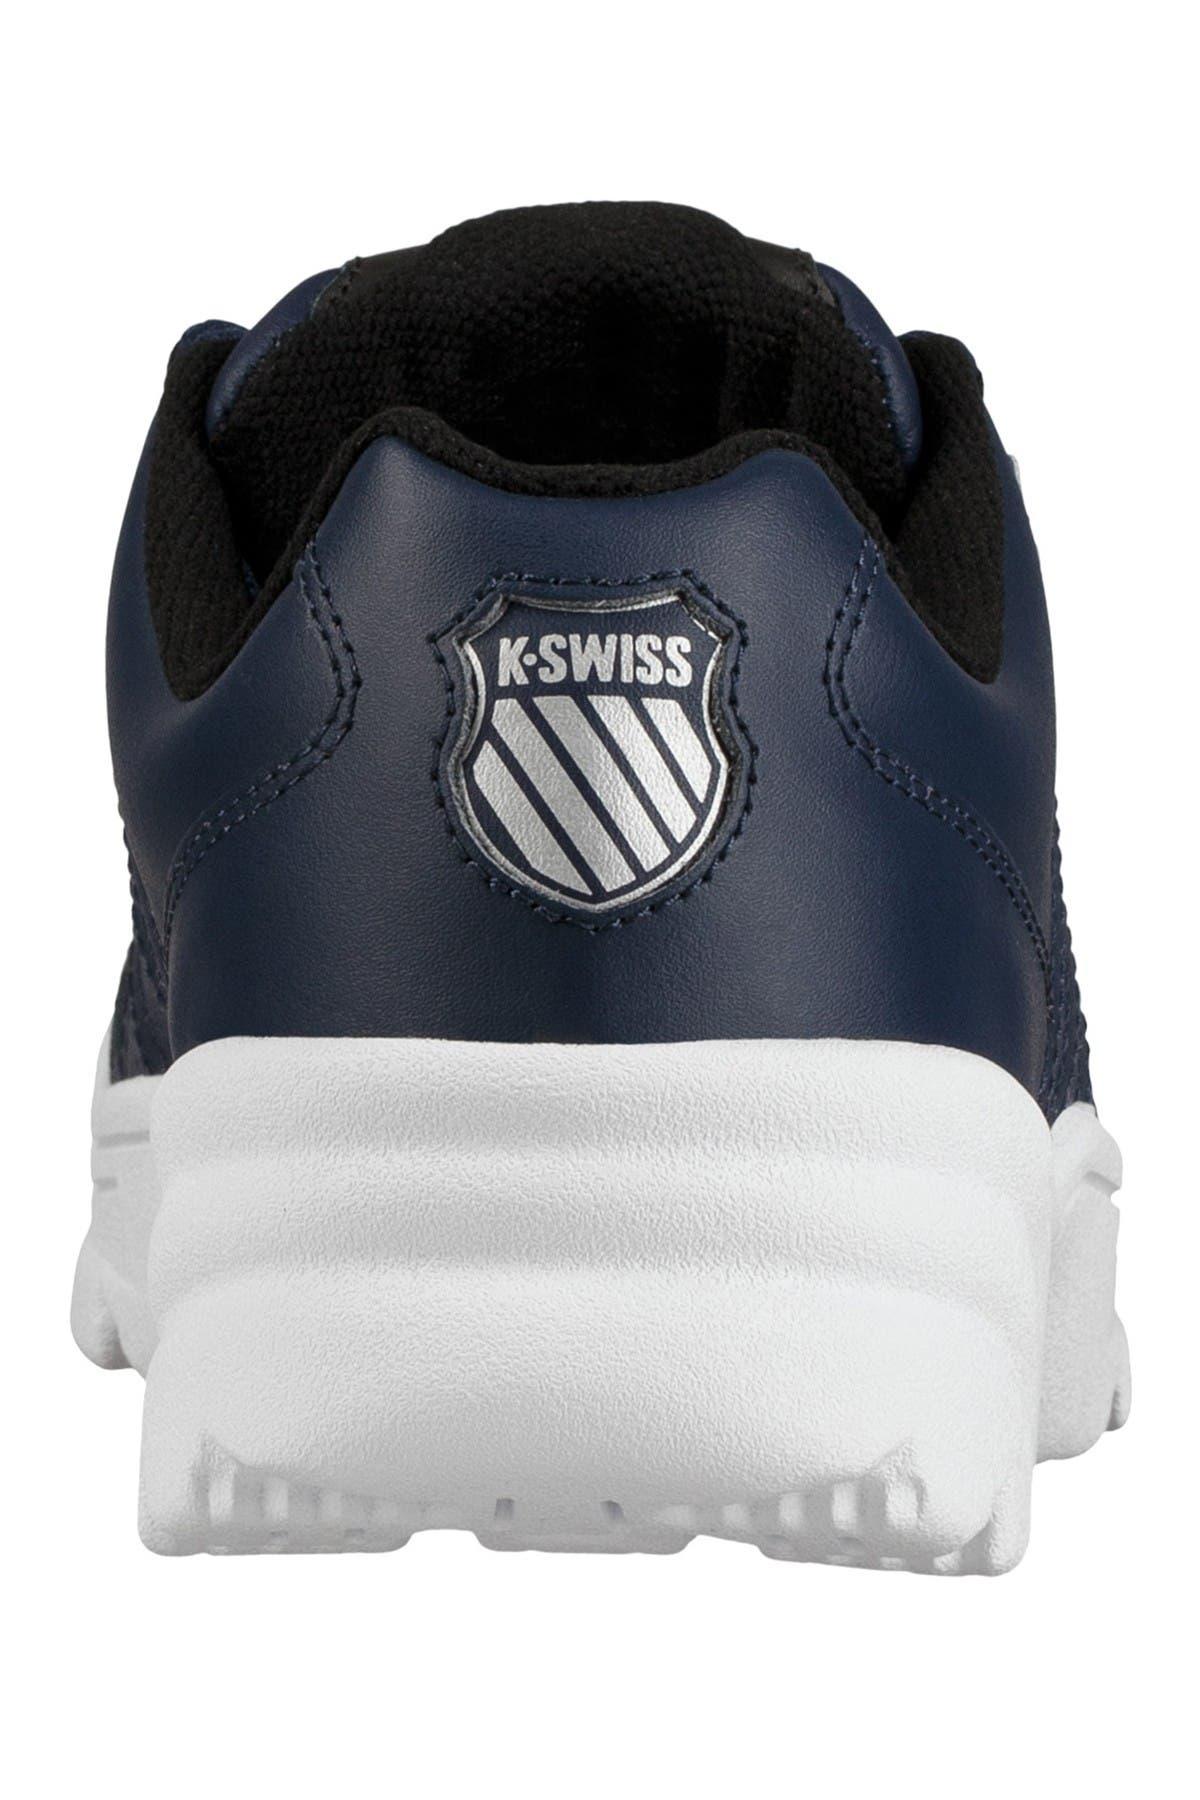 Image of K-Swiss Altezo Sneaker